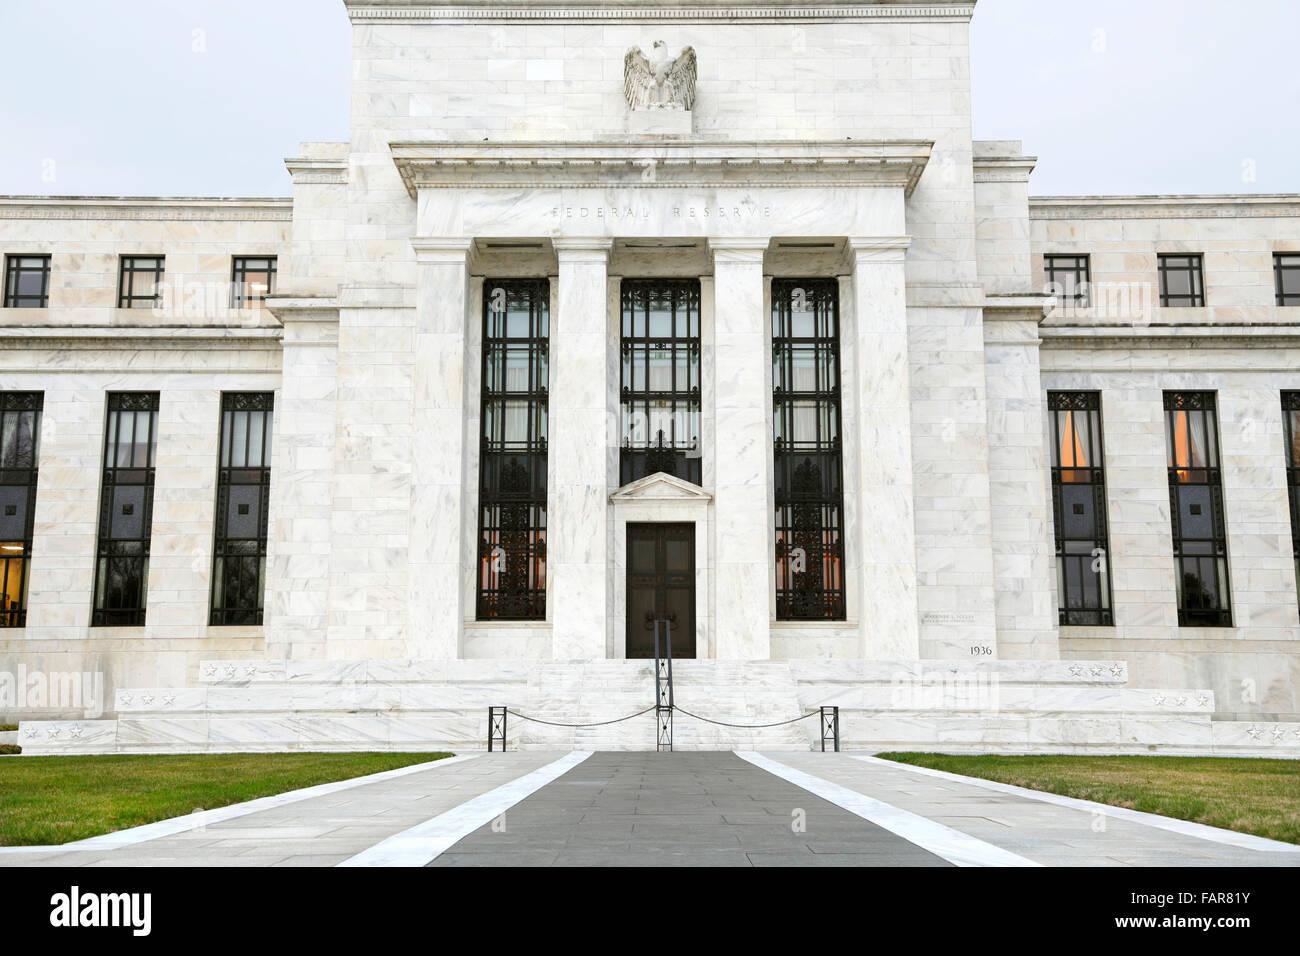 Edificio de la Reserva Federal de Estados Unidos, Washington, D.C. Foto de stock